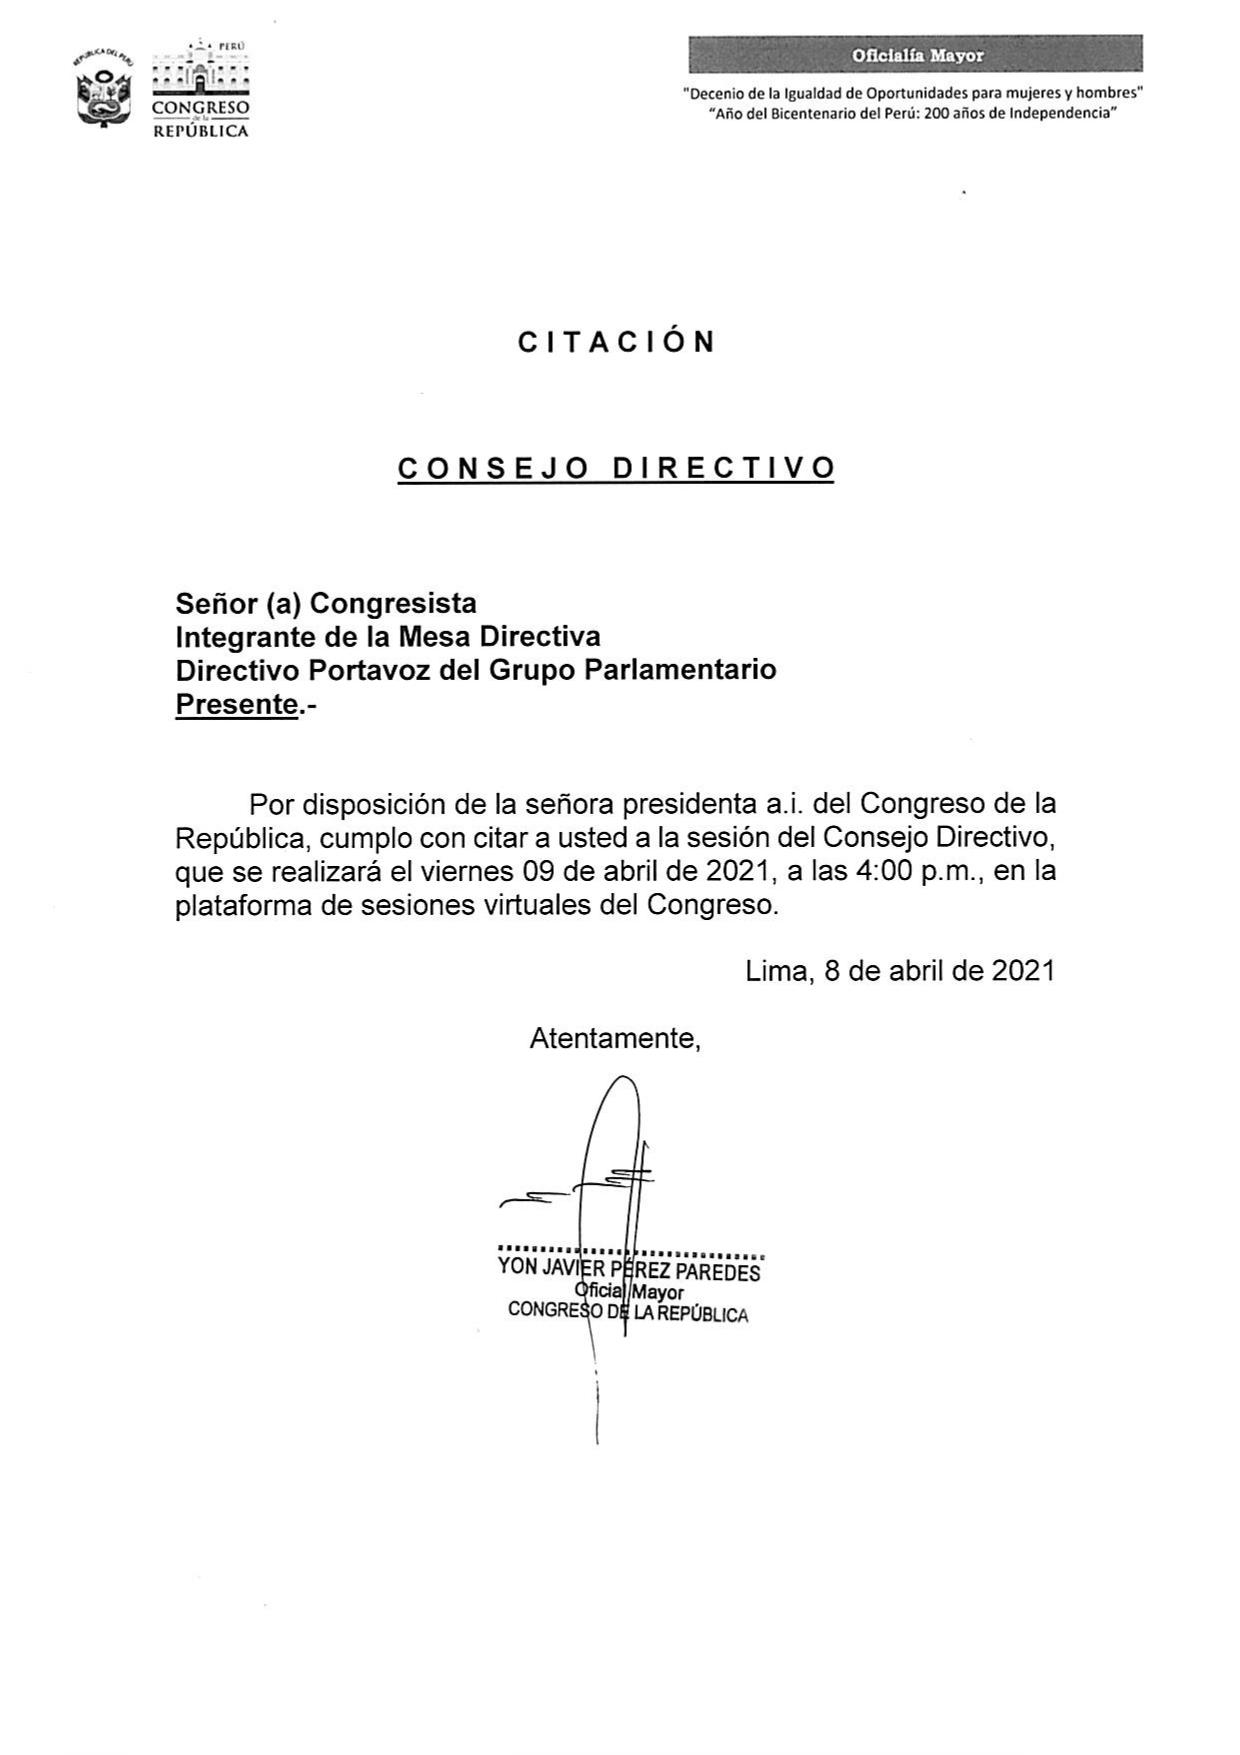 Citación del Consejo Directivo